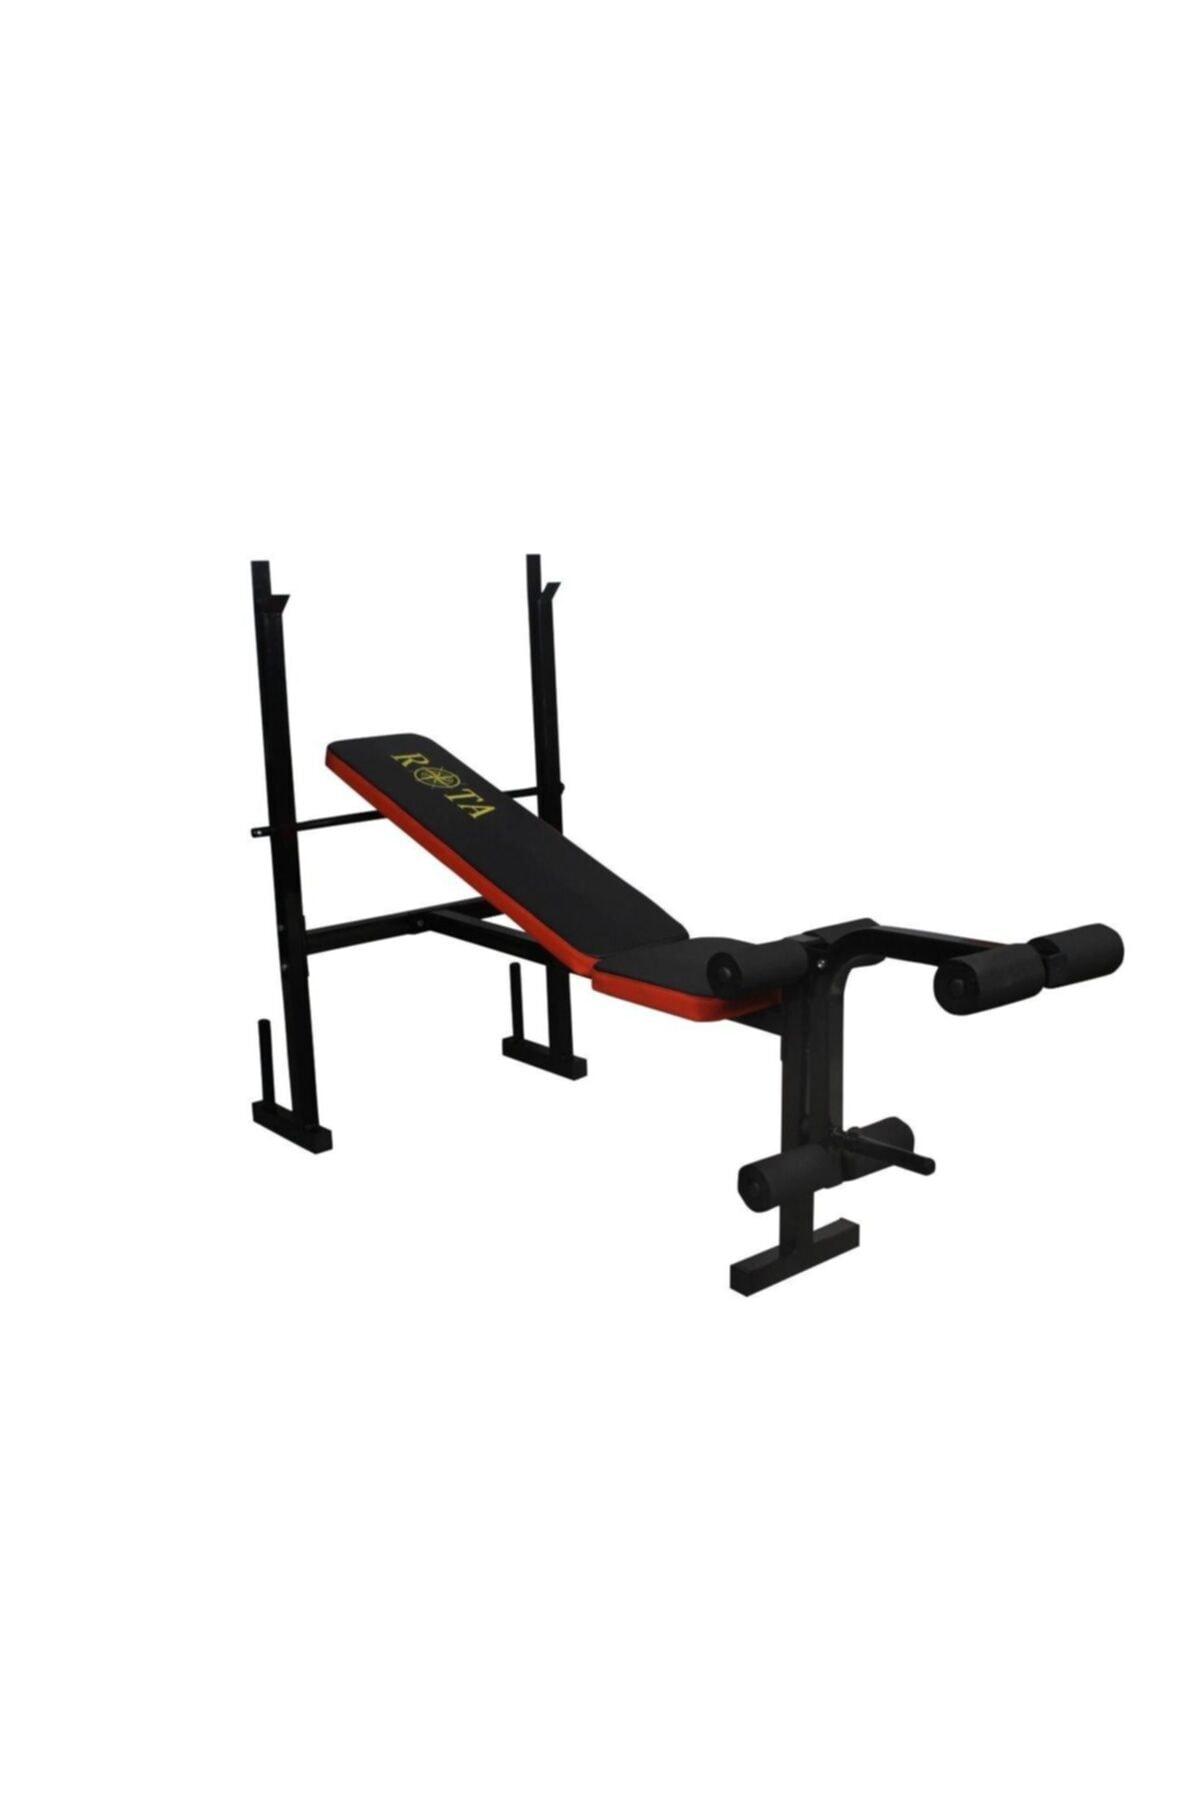 Dumwell Rota Spor Yerli Üretim Fonksiyonel Ağırlık Bench Press Sehpası 1